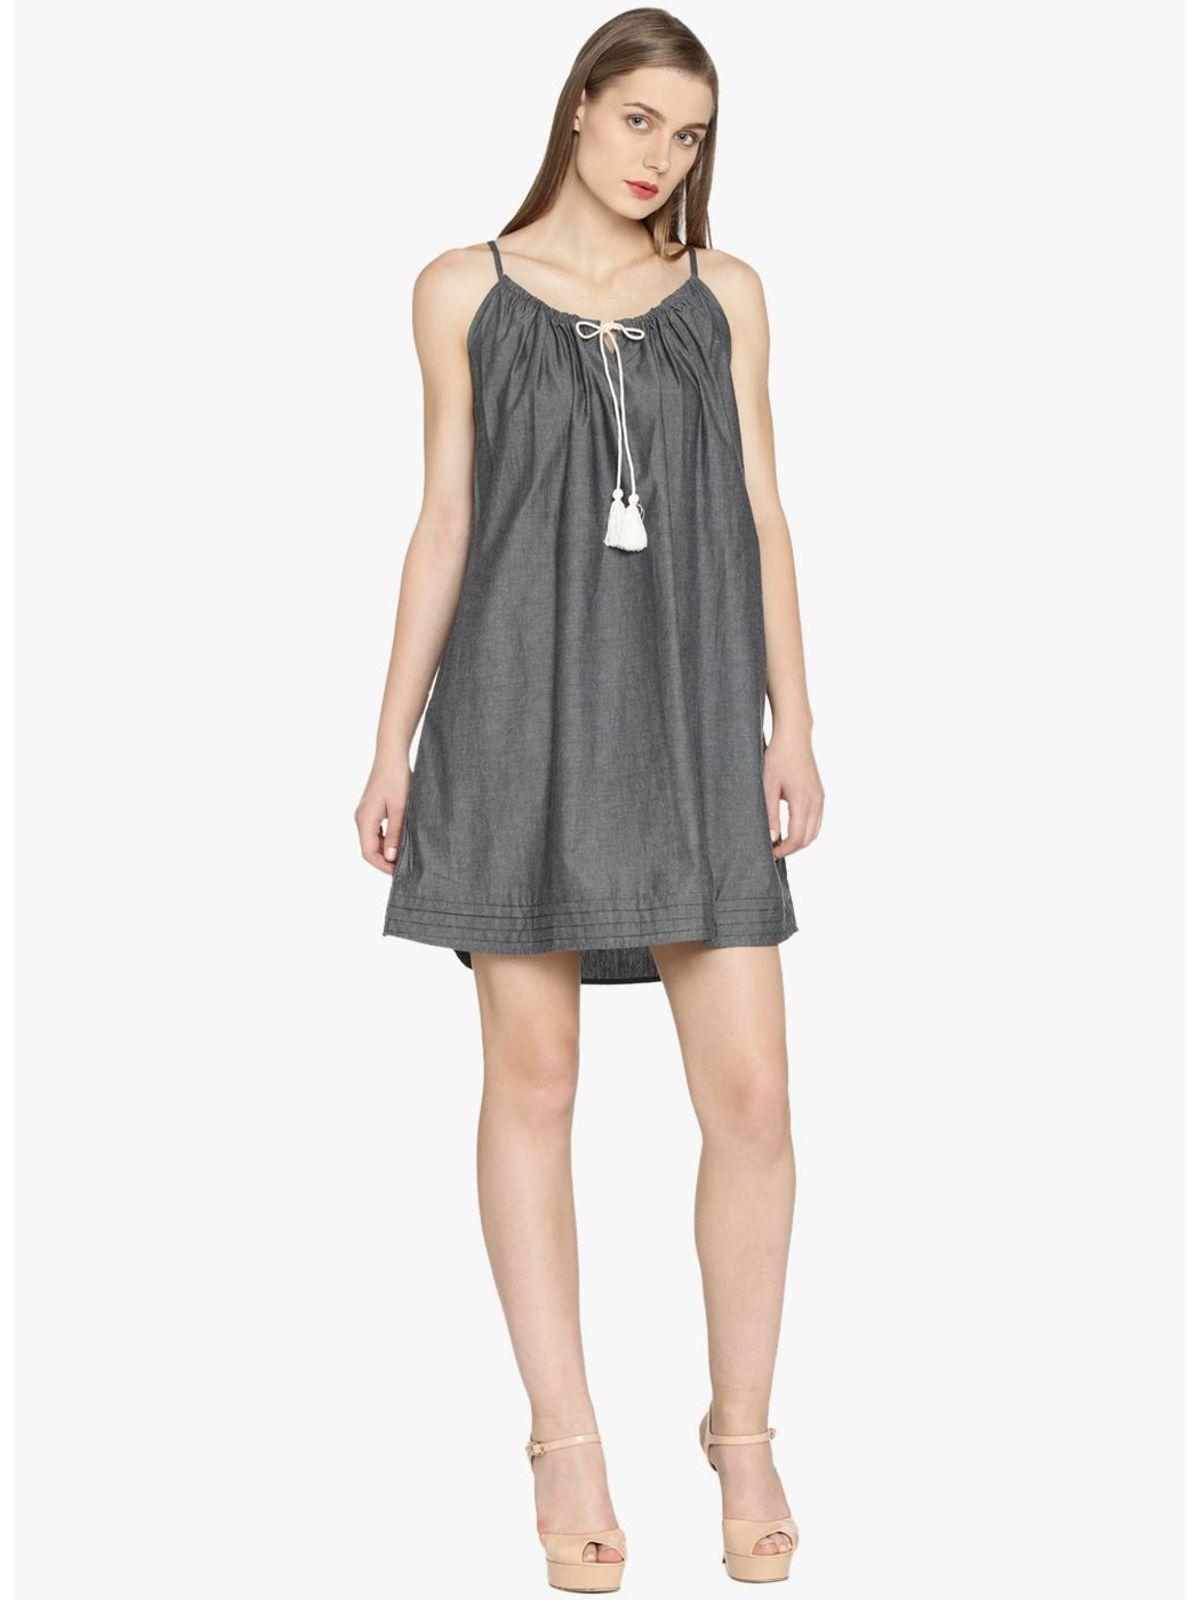 BROOKLYN TASSEL CHAMBRAY DRESS